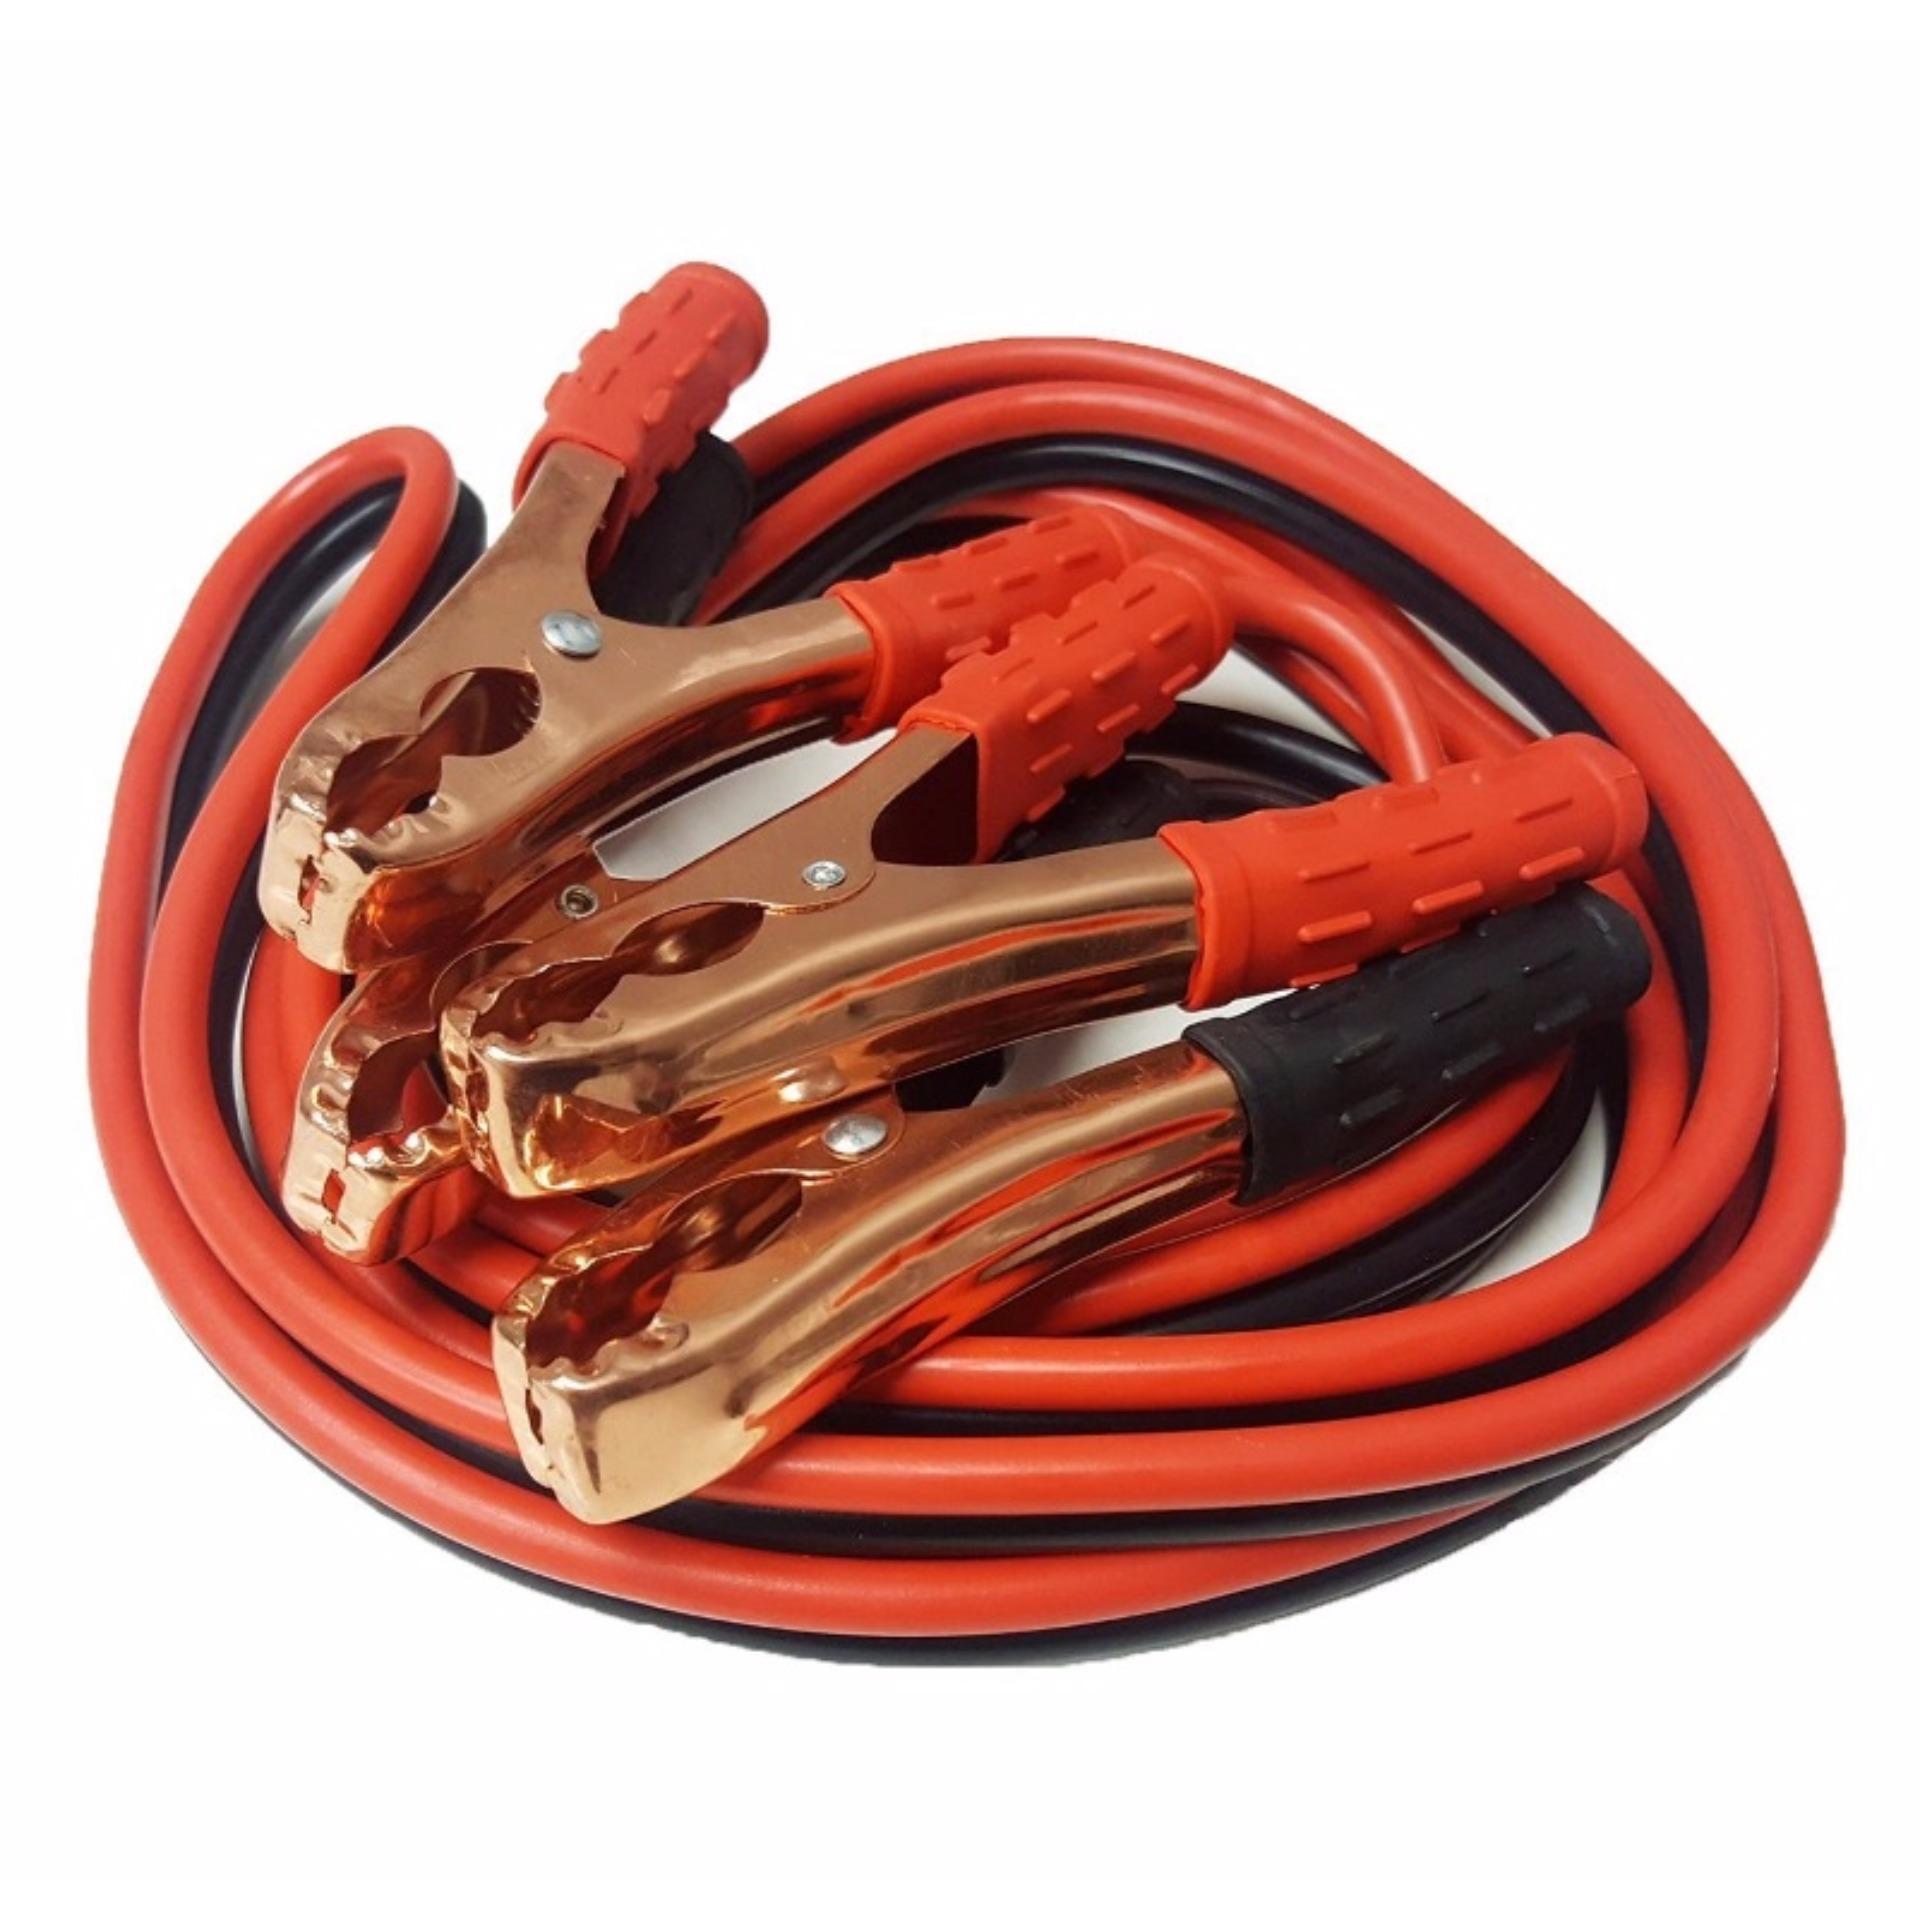 Pustun Aki Kering Vrla Gel 12v 7ah Untuk Ups Update Daftar Battery Merk Ical 72ah Original Kabel Jumper 200amp